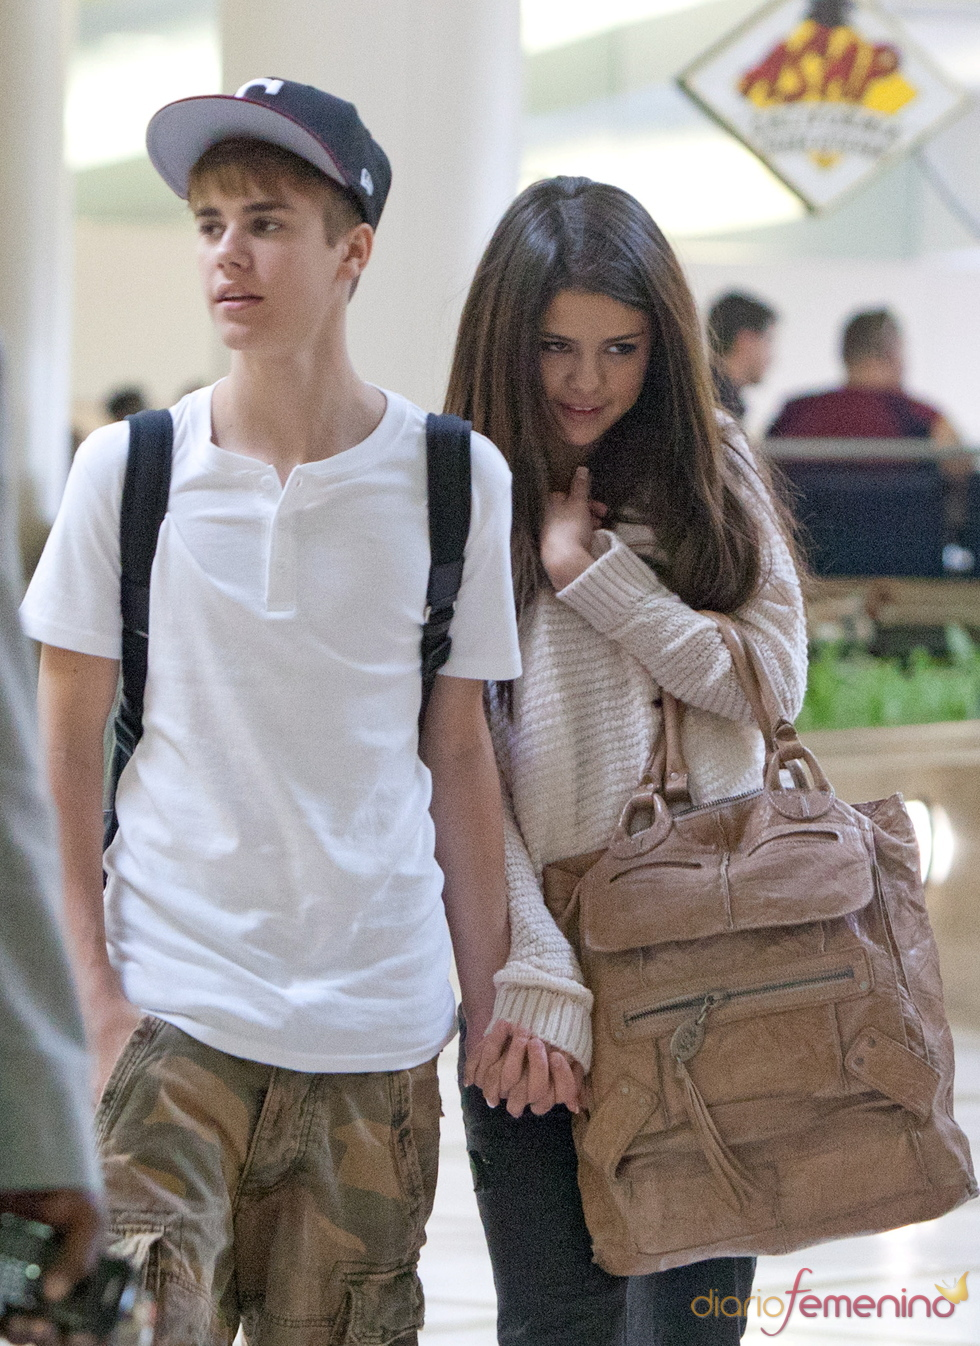 Justin Bieber y Selena Gomez en el aeropuerto de Los Ángeles